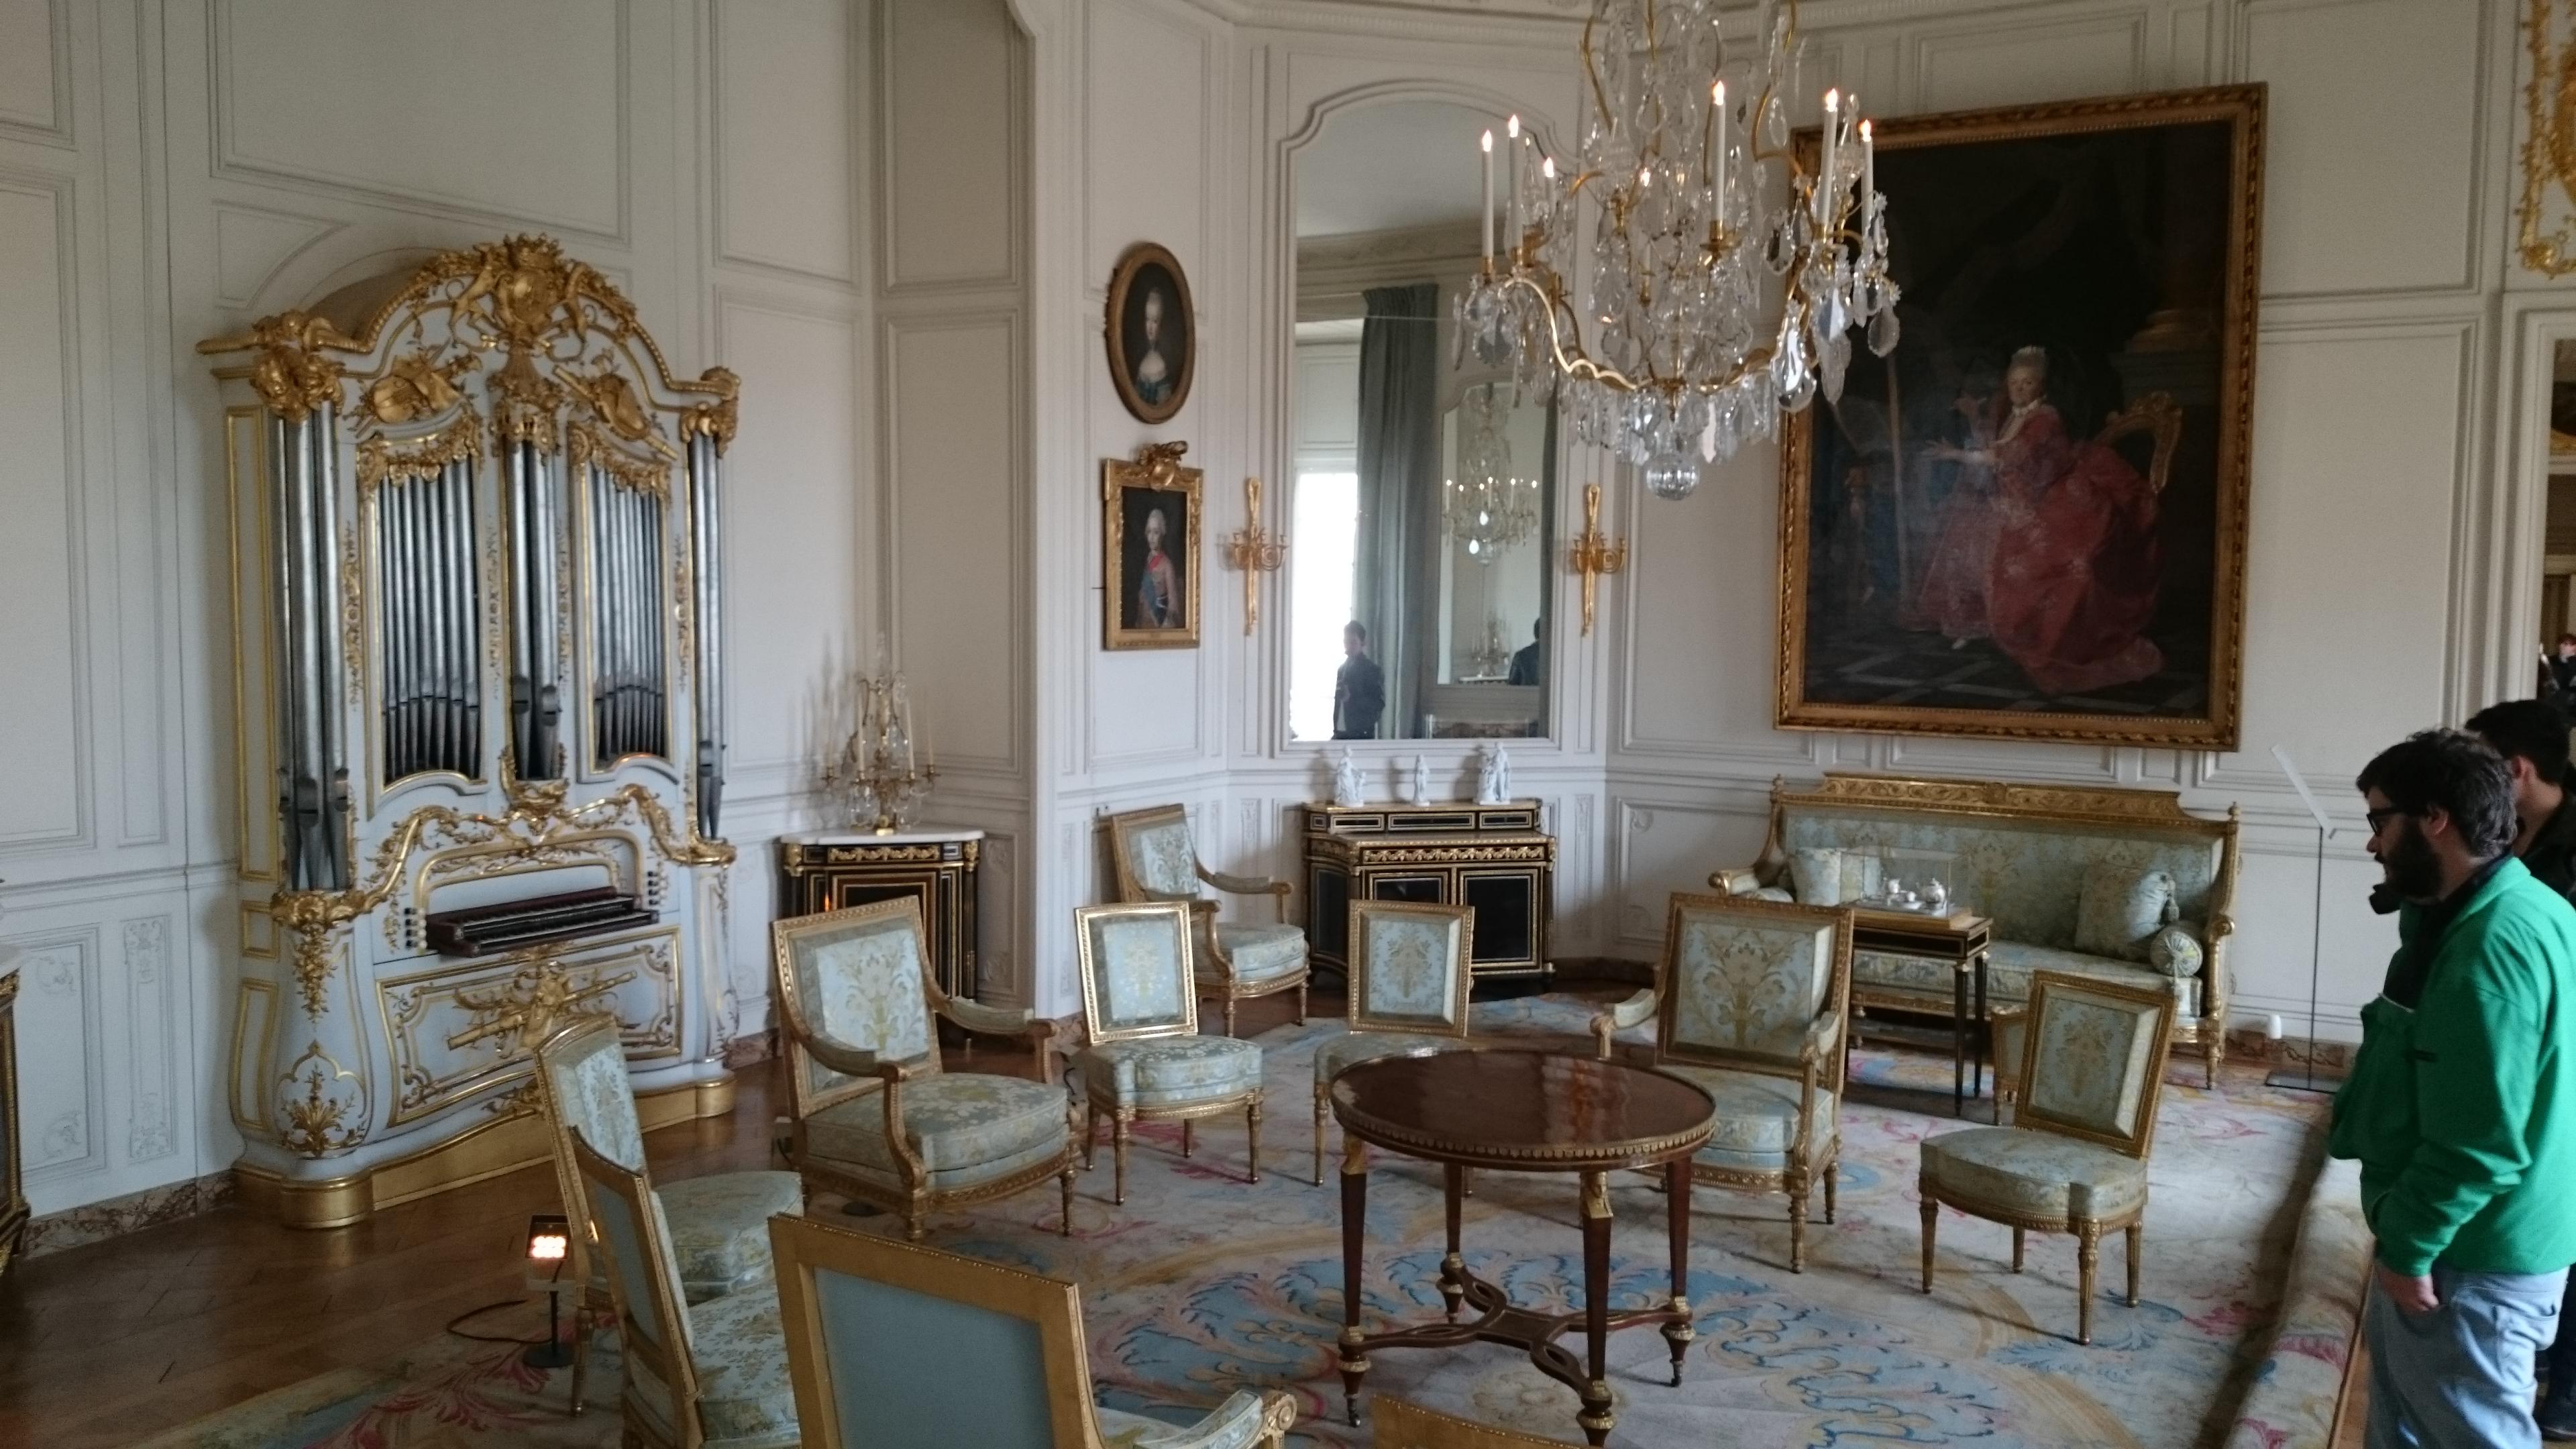 dsc 14291 - Visita al Palacio de Versalles: Como ir, cuanto cuesta y tips III/III